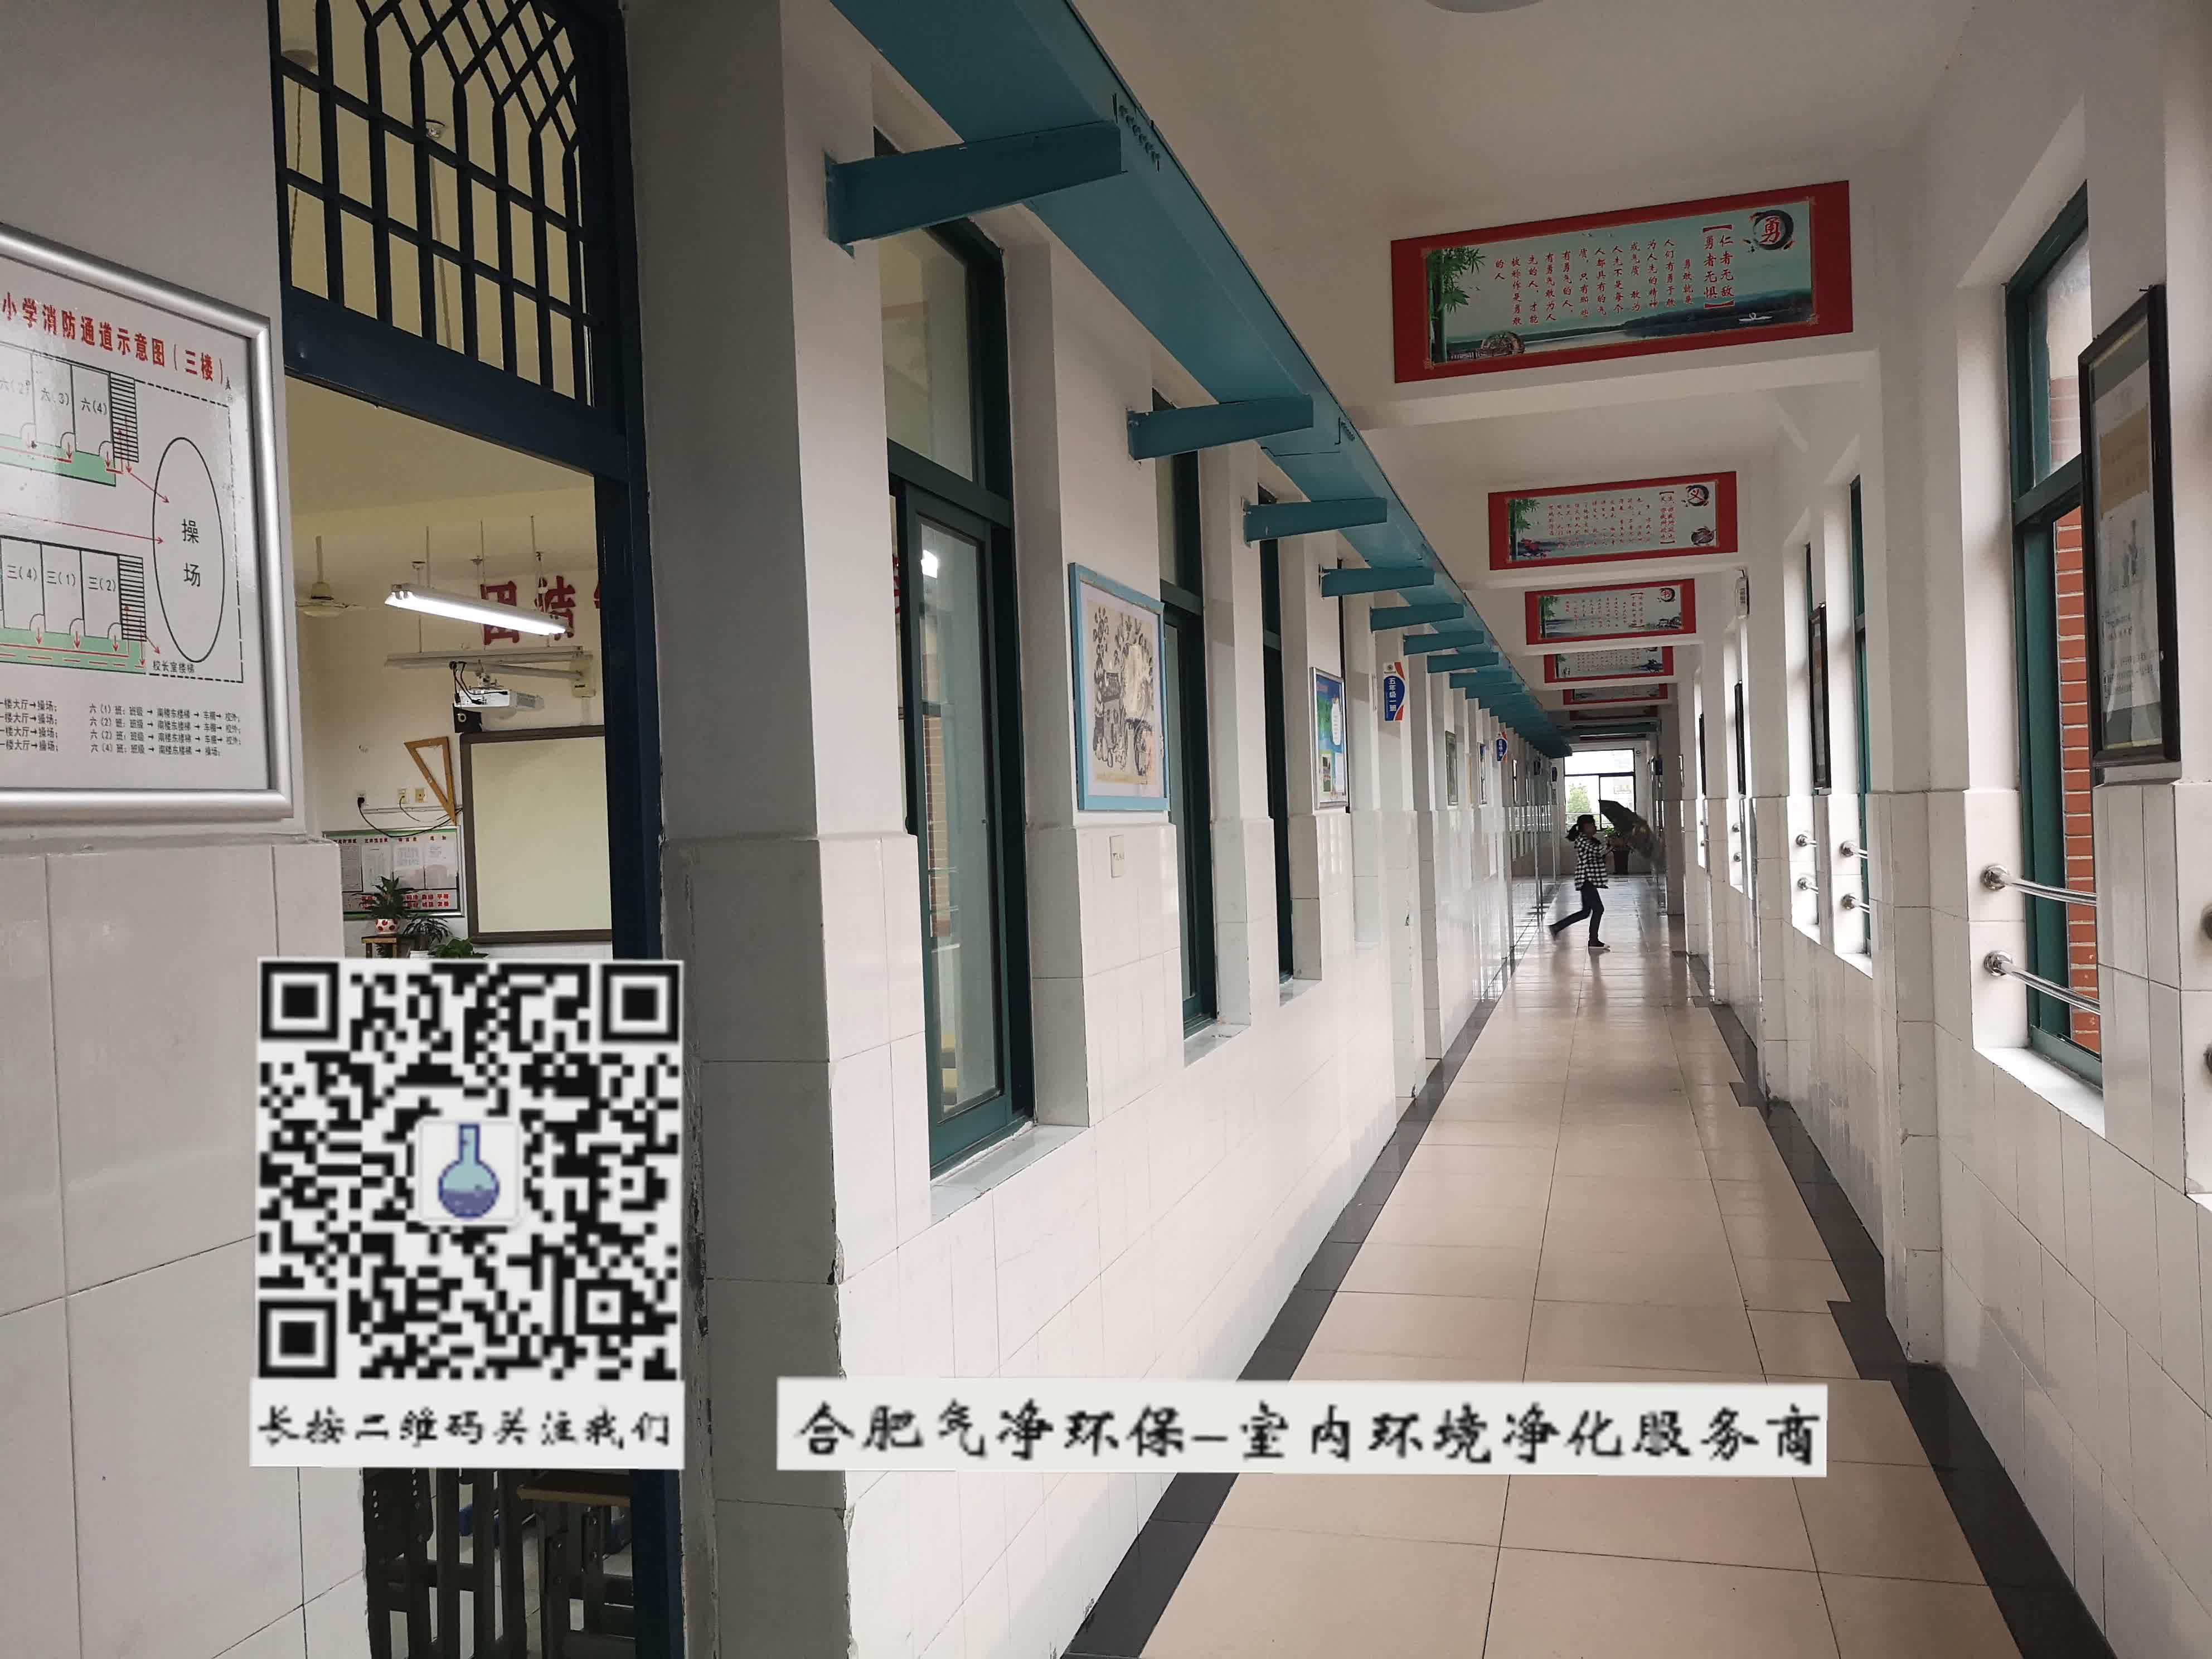 水印图片by水印王_20180920-18127155